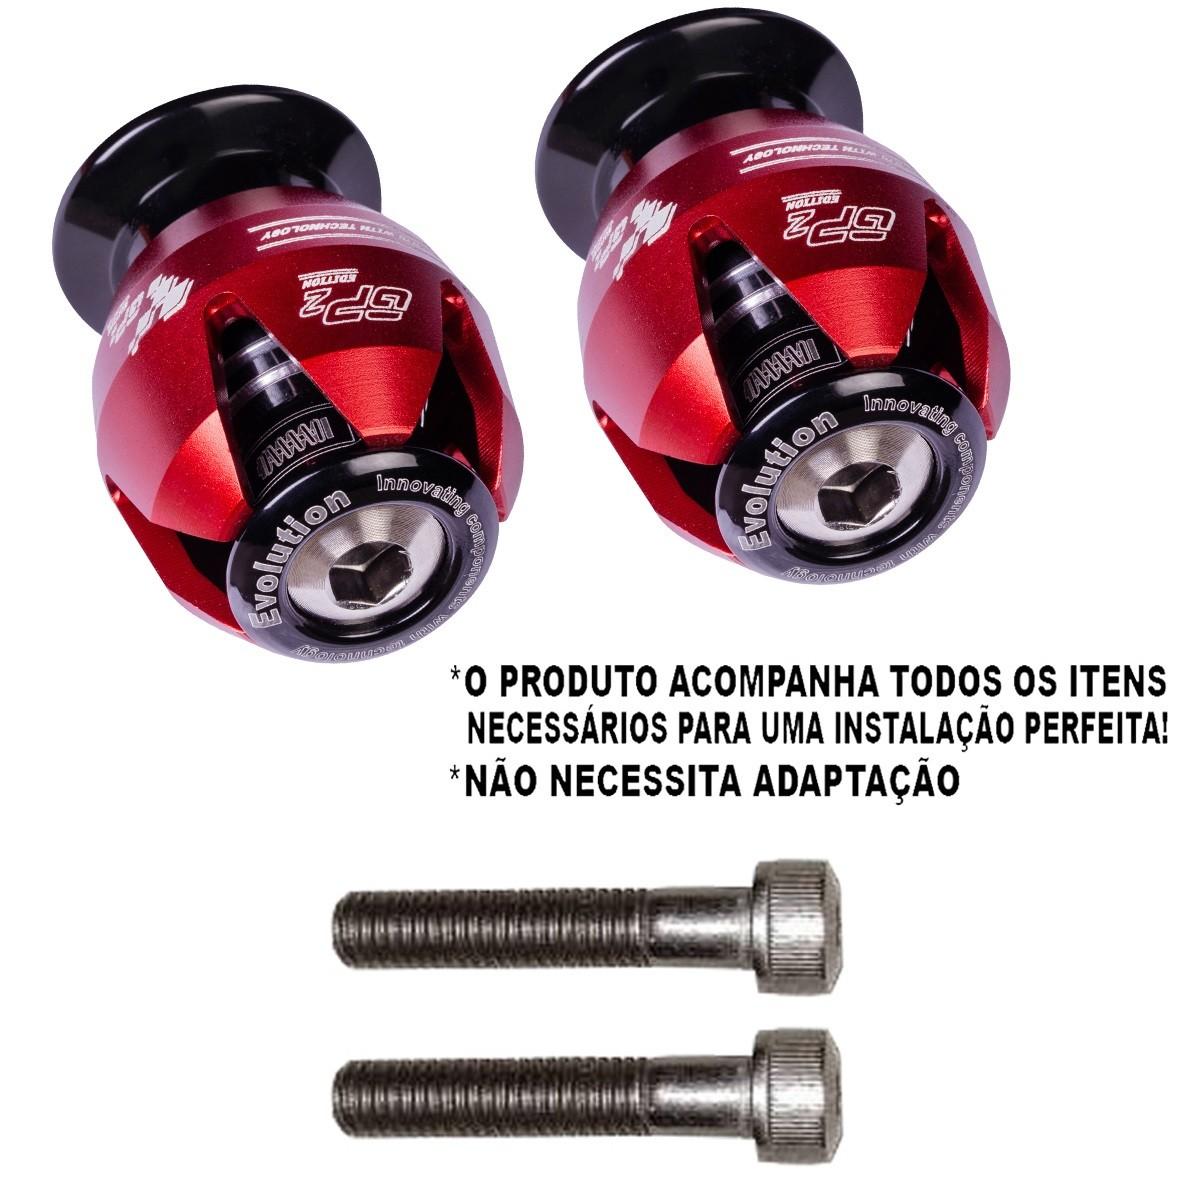 Slider traseiro s1000r 2012 2013 2014 2015 balança bmw gp2 edition